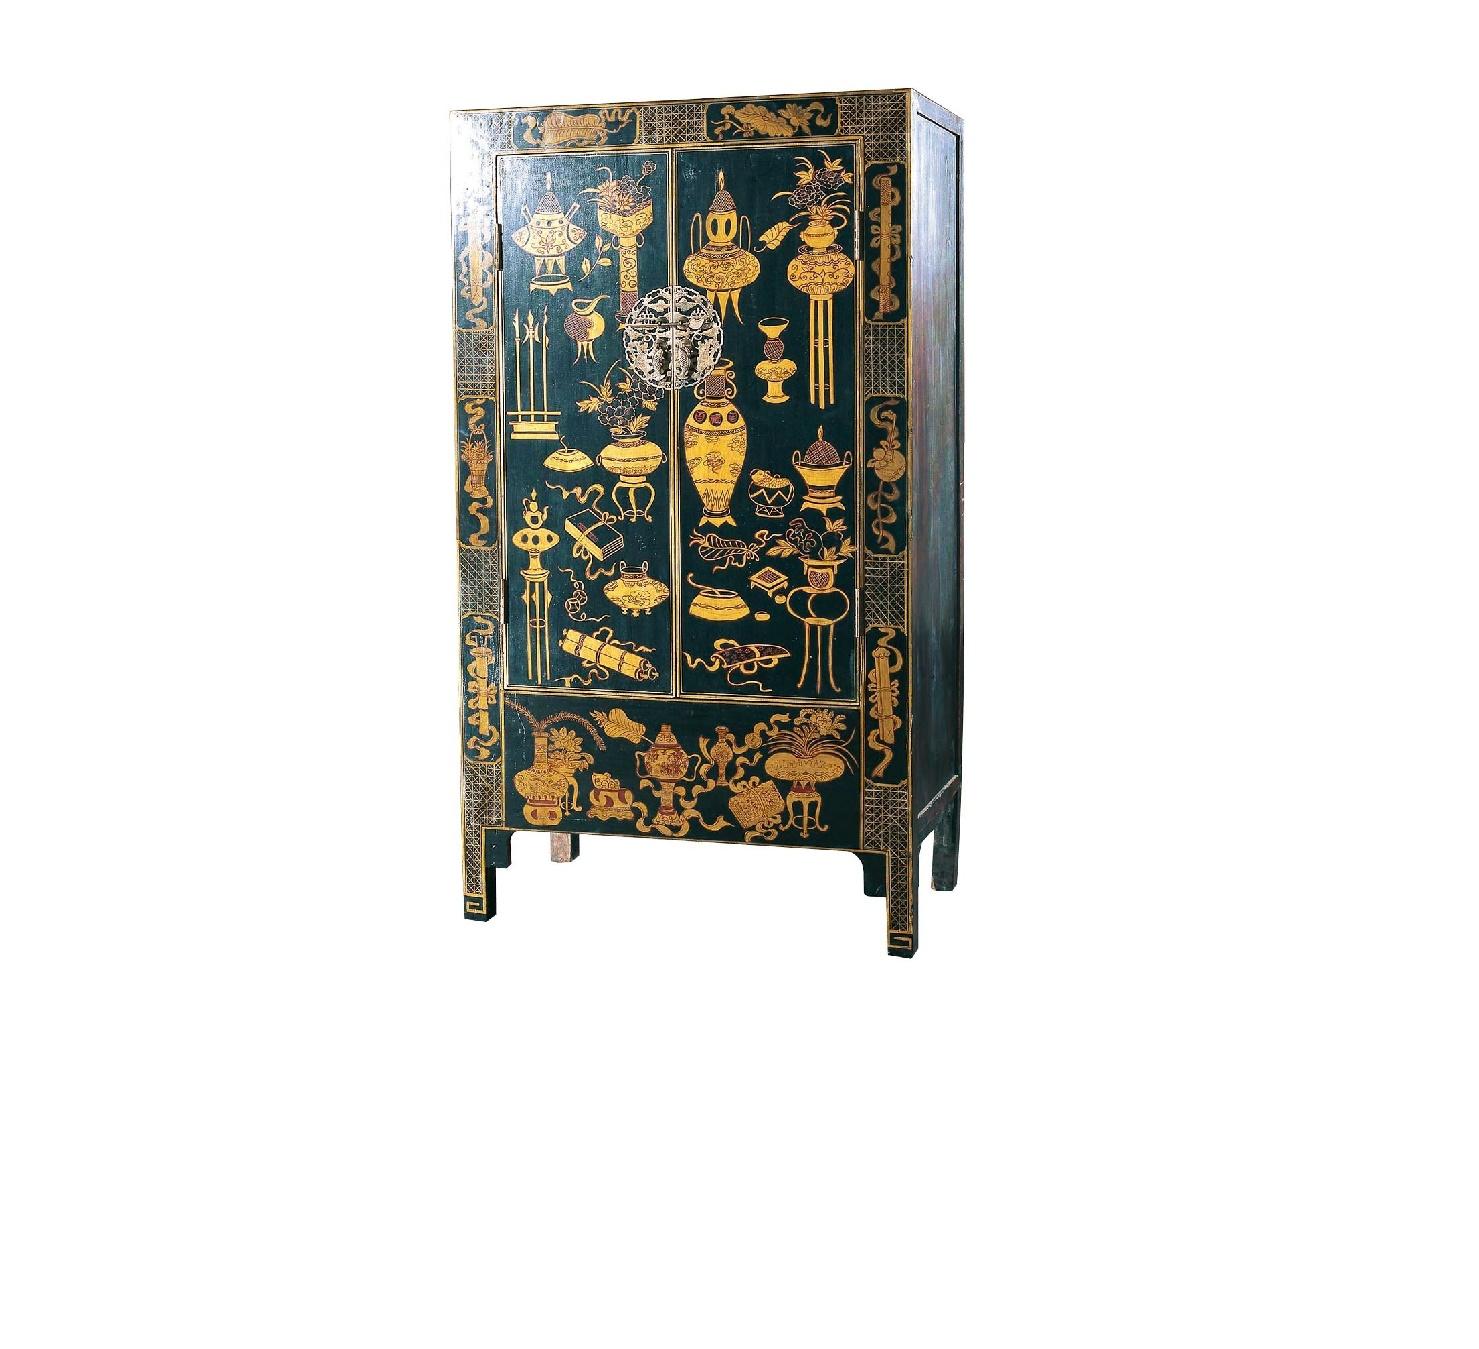 Шкаф ГуйБельевые шкафы<br>&amp;quot;Гуй&amp;quot; создан в стиле старинной мебели, которая была популярна в Китае&amp;amp;nbsp;во времена правления династии Цин. Раньше в таких шкафах средневековые художники хранили разнообразные инструменты для творчества. Сегодня в нем можно размещать принадлежности для своего хобби. Шкаф черного цвета, вручную расписанный сусальным золотом, станет отличным местом для хранения важных вещей. Ажурная накладка с запором подчеркнет их значимость для своего хозяина.<br><br>Material: Дерево<br>Length см: 100<br>Width см: 45<br>Height см: 180